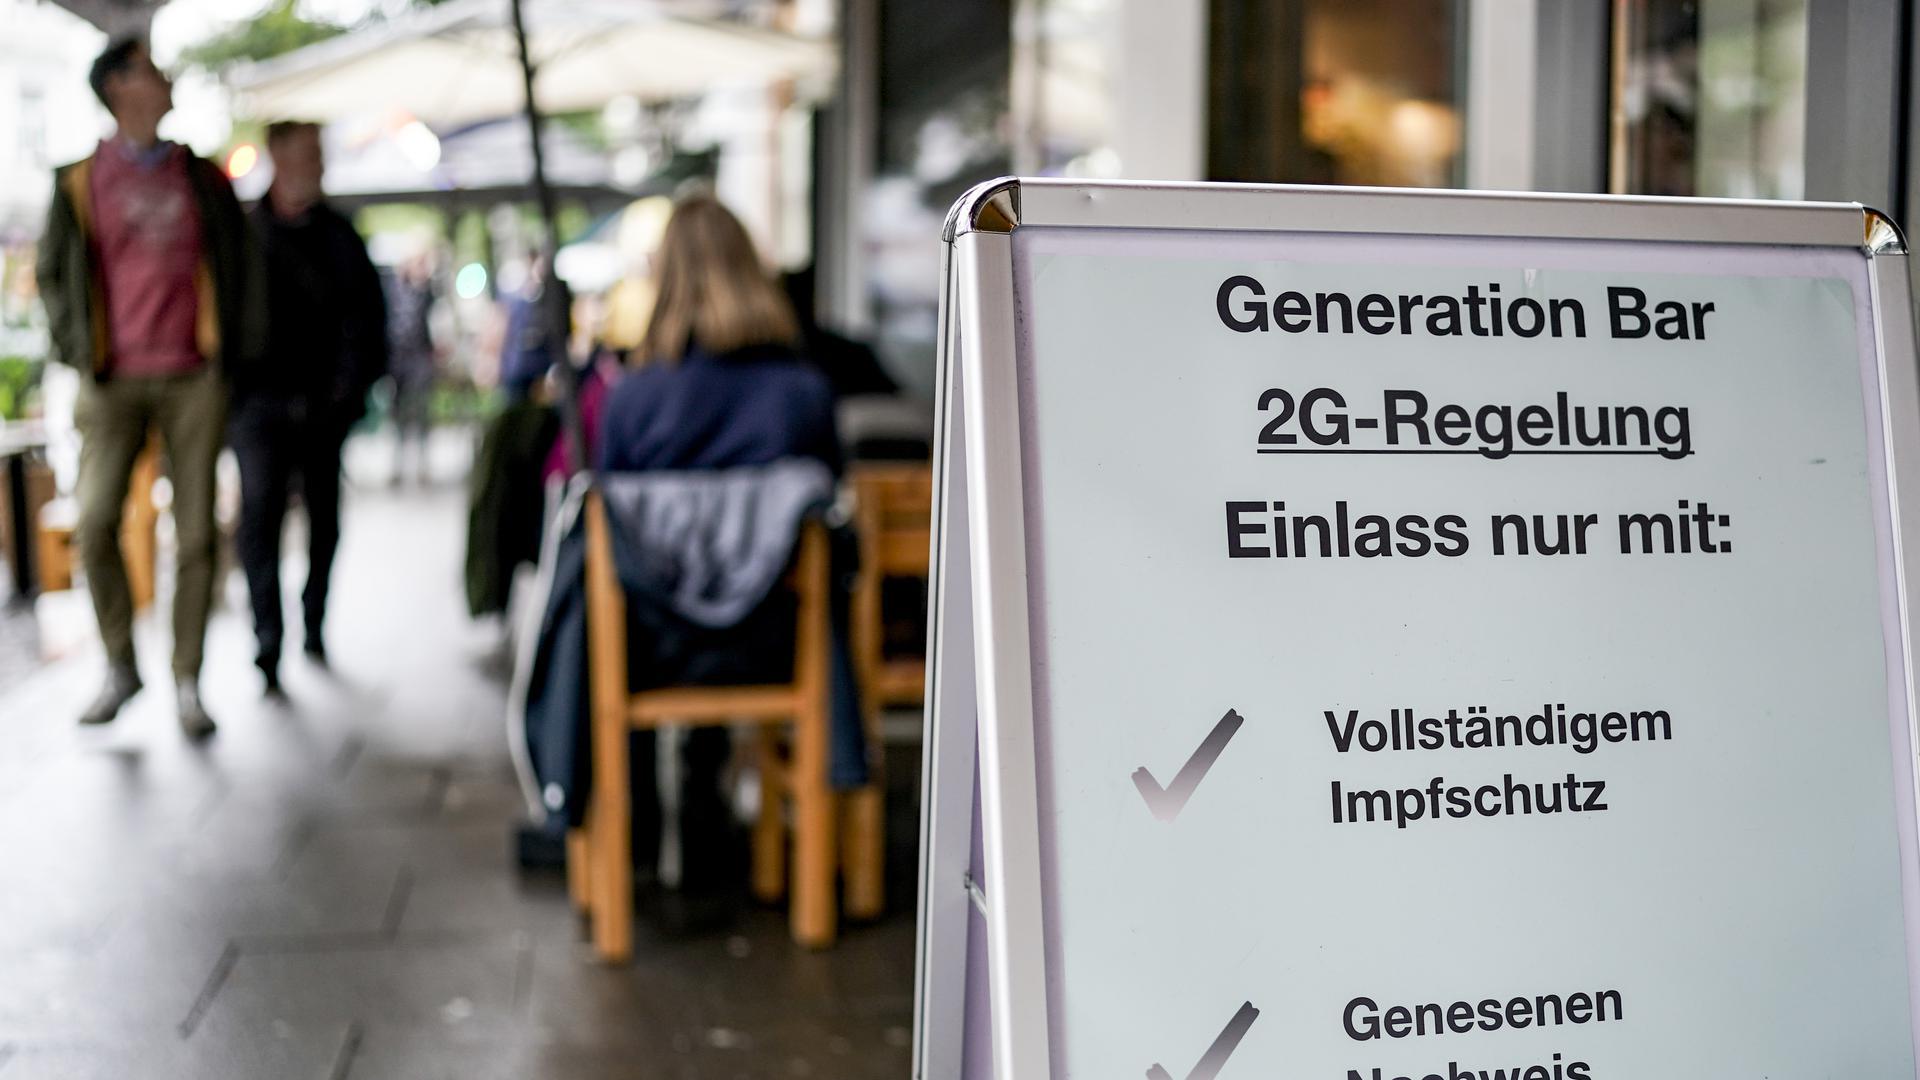 Vor einer Bar im Hamburger Stadtteil St. Georg steht ein Hinweisschild, welches auf den Einlass nach der 2GRegel hinweist. Die in Hamburg eingeführte 2G-Regel besagt, dass nur noch Geimpfte und Genesene die jeweiligen Betriebe betreten dürfen. +++ dpa-Bildfunk +++